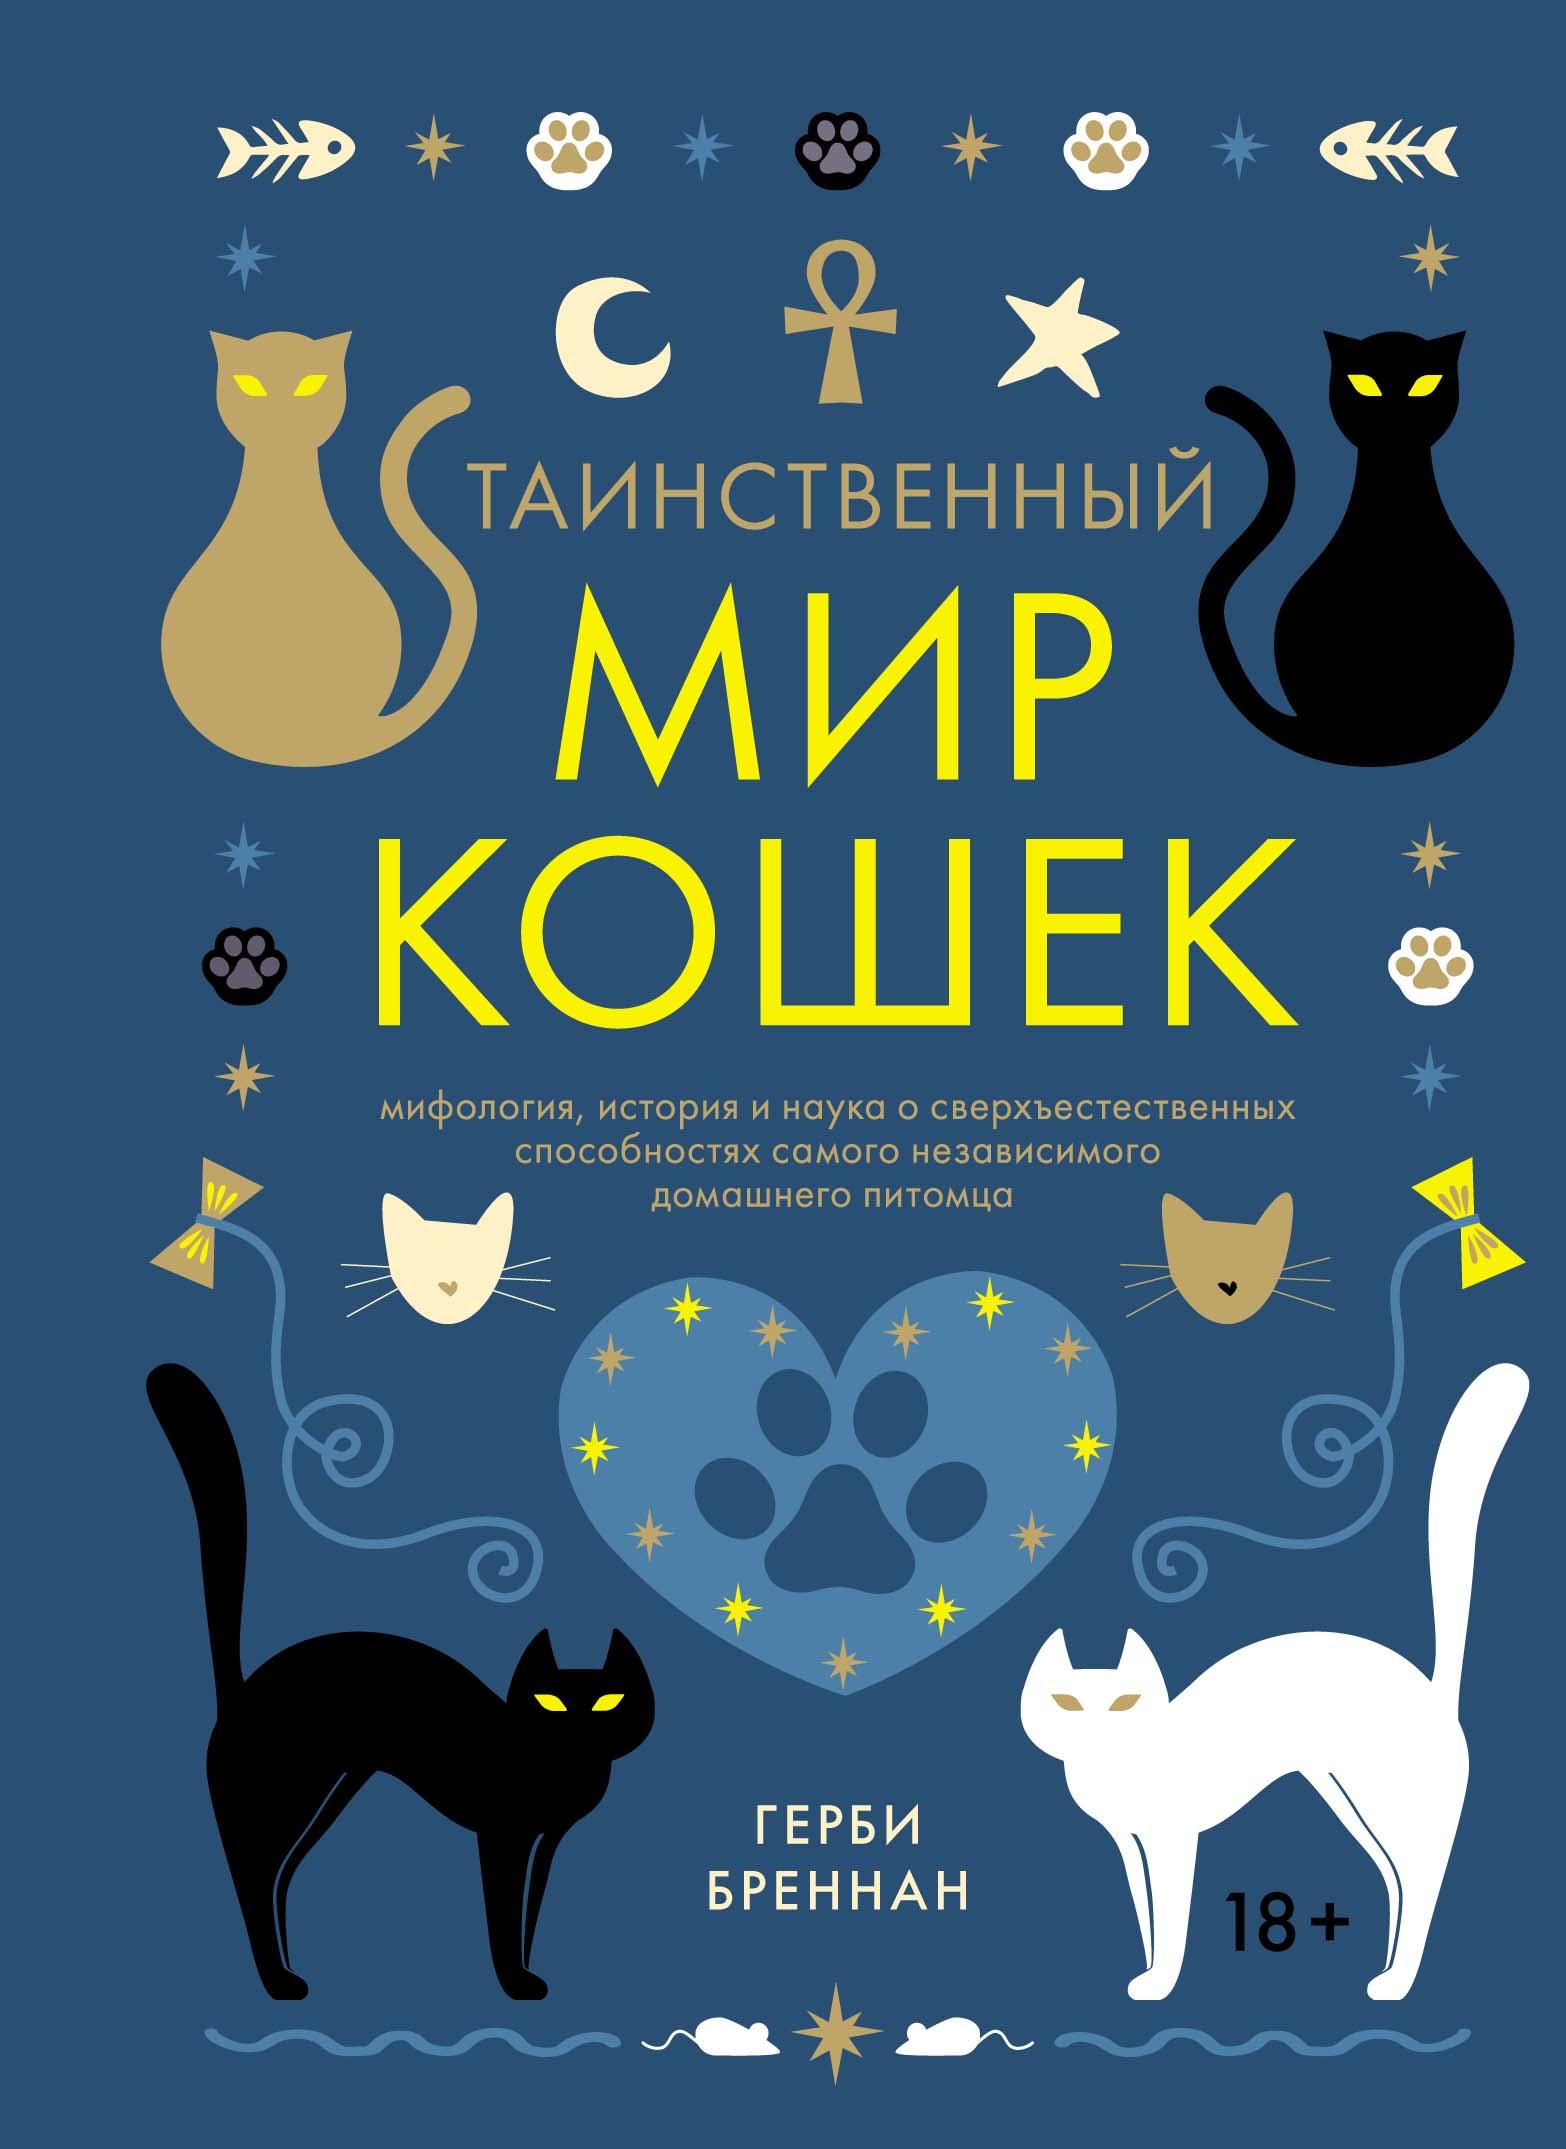 Таинственный мир кошек: Мифология, история и наука о сверхъестественных способностях самого независимого домашнего питомца Герби Бреннан